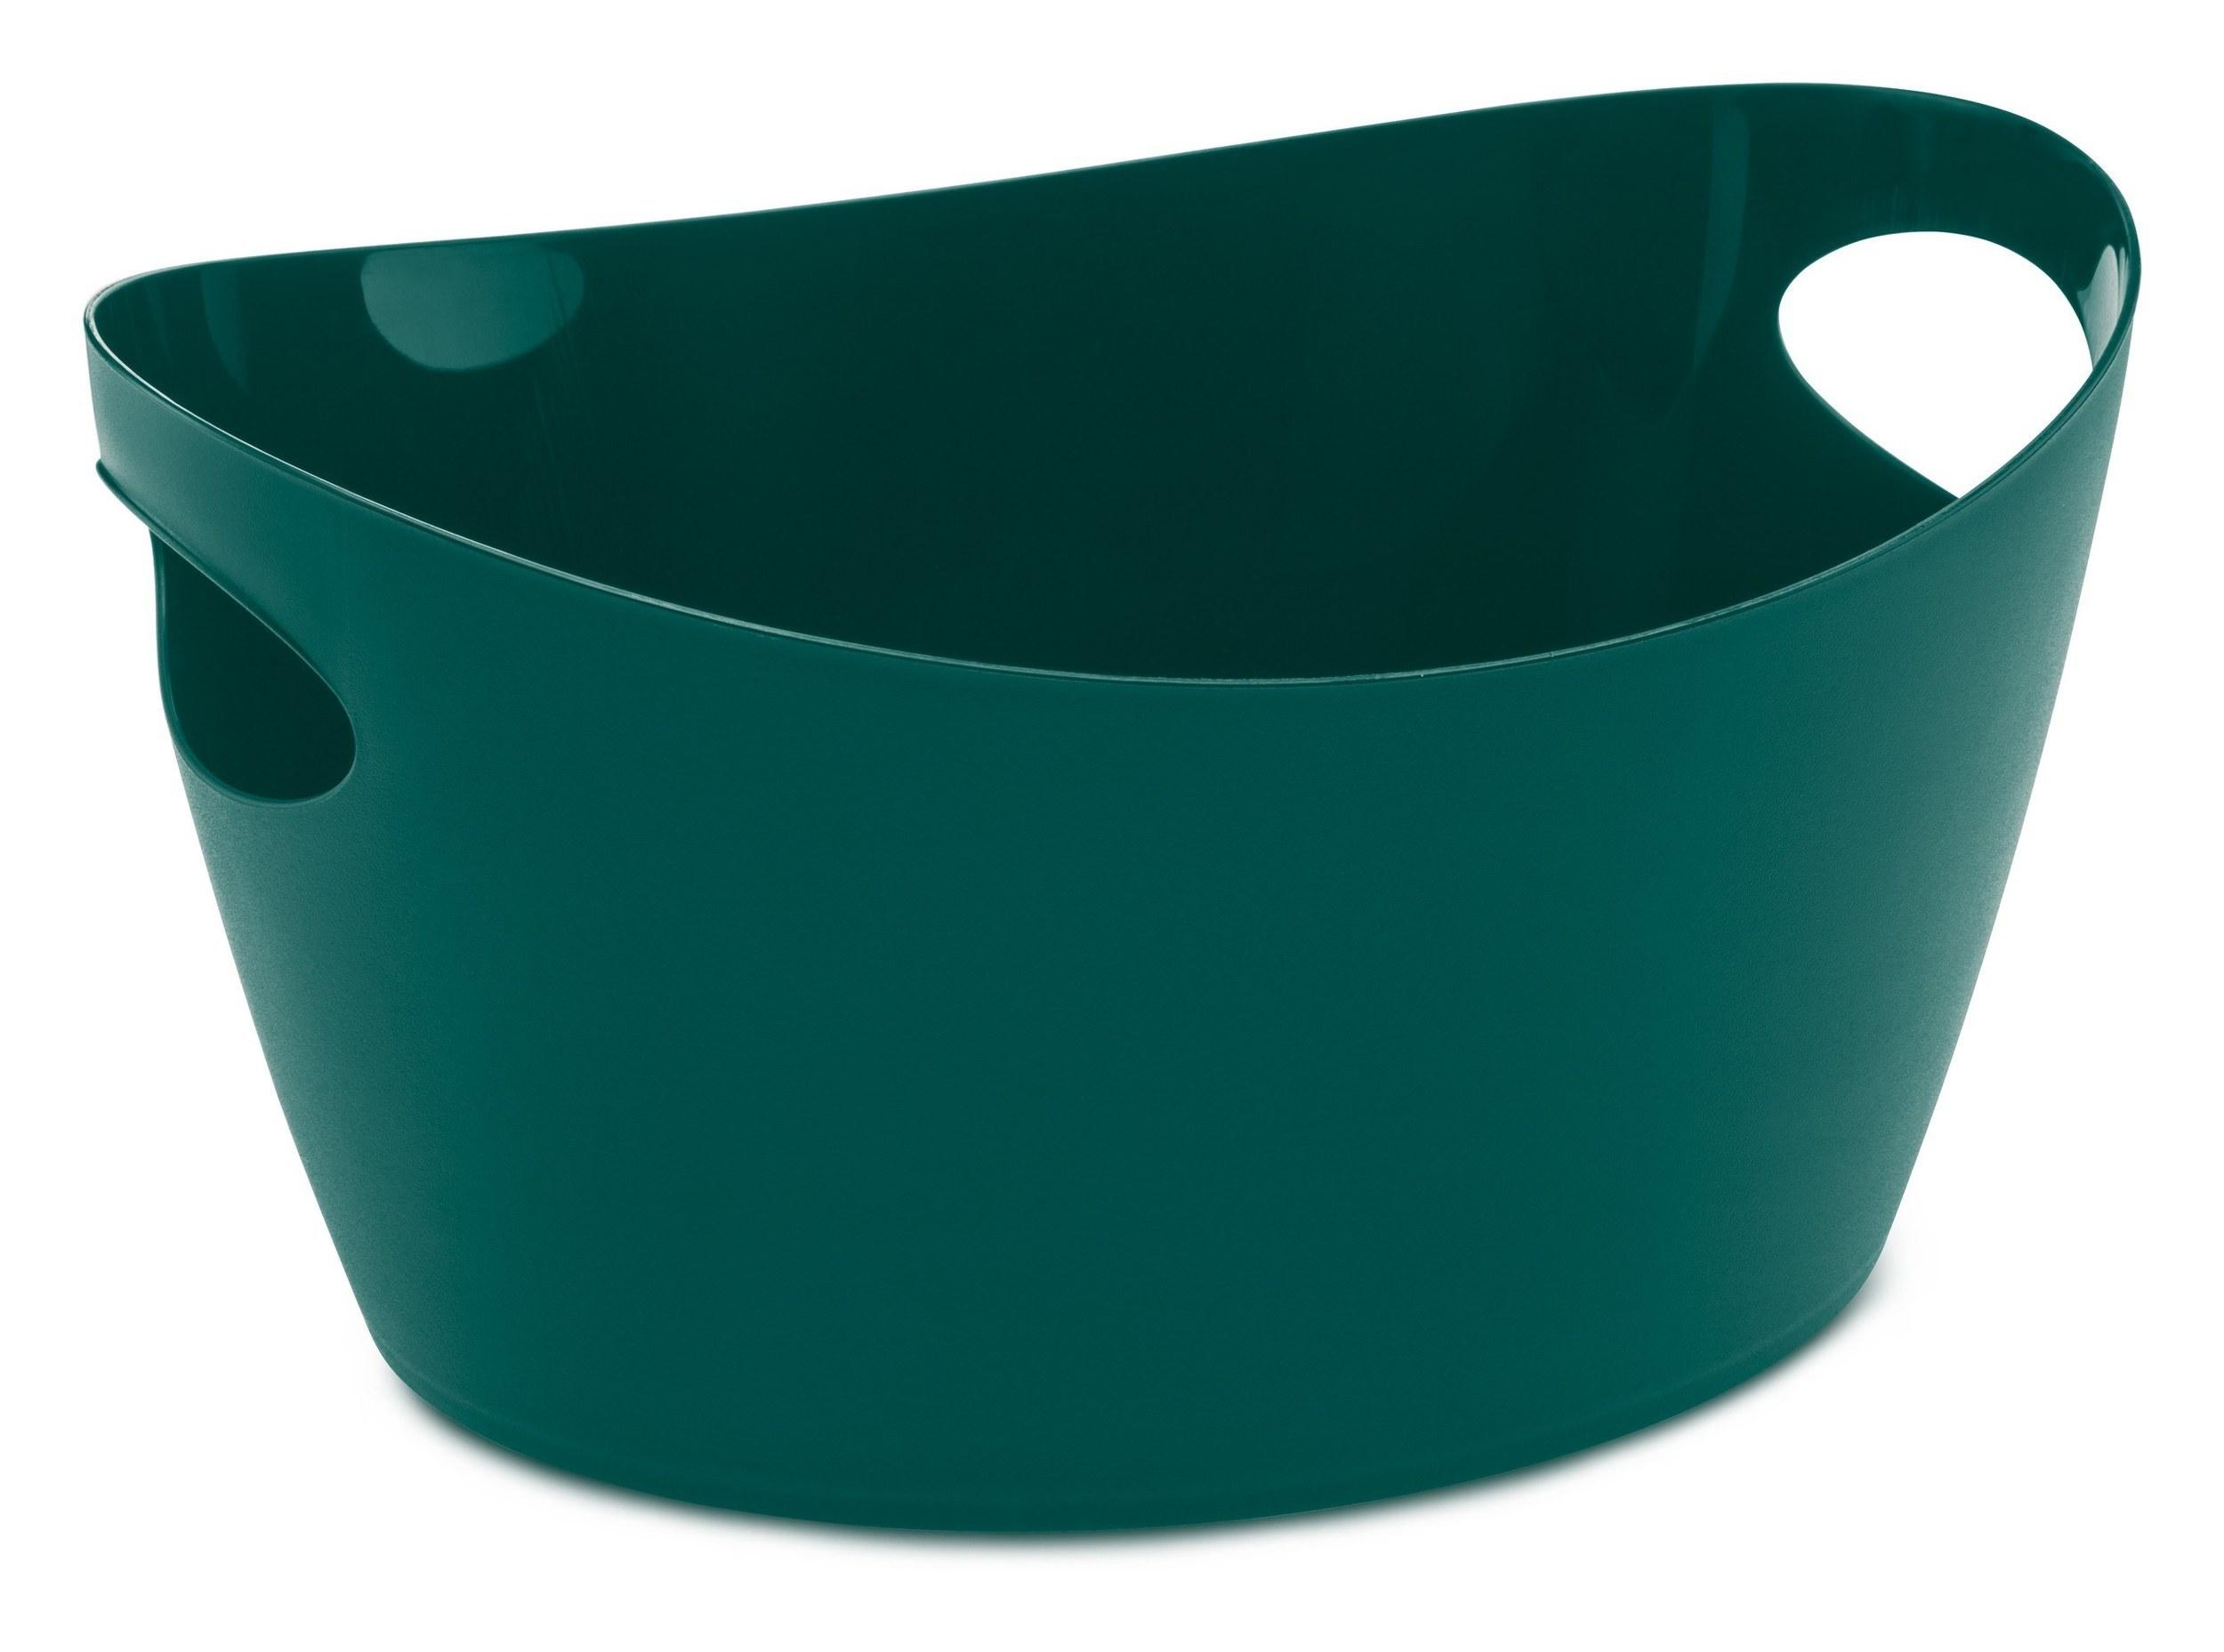 Miska Bottichelli M emerald